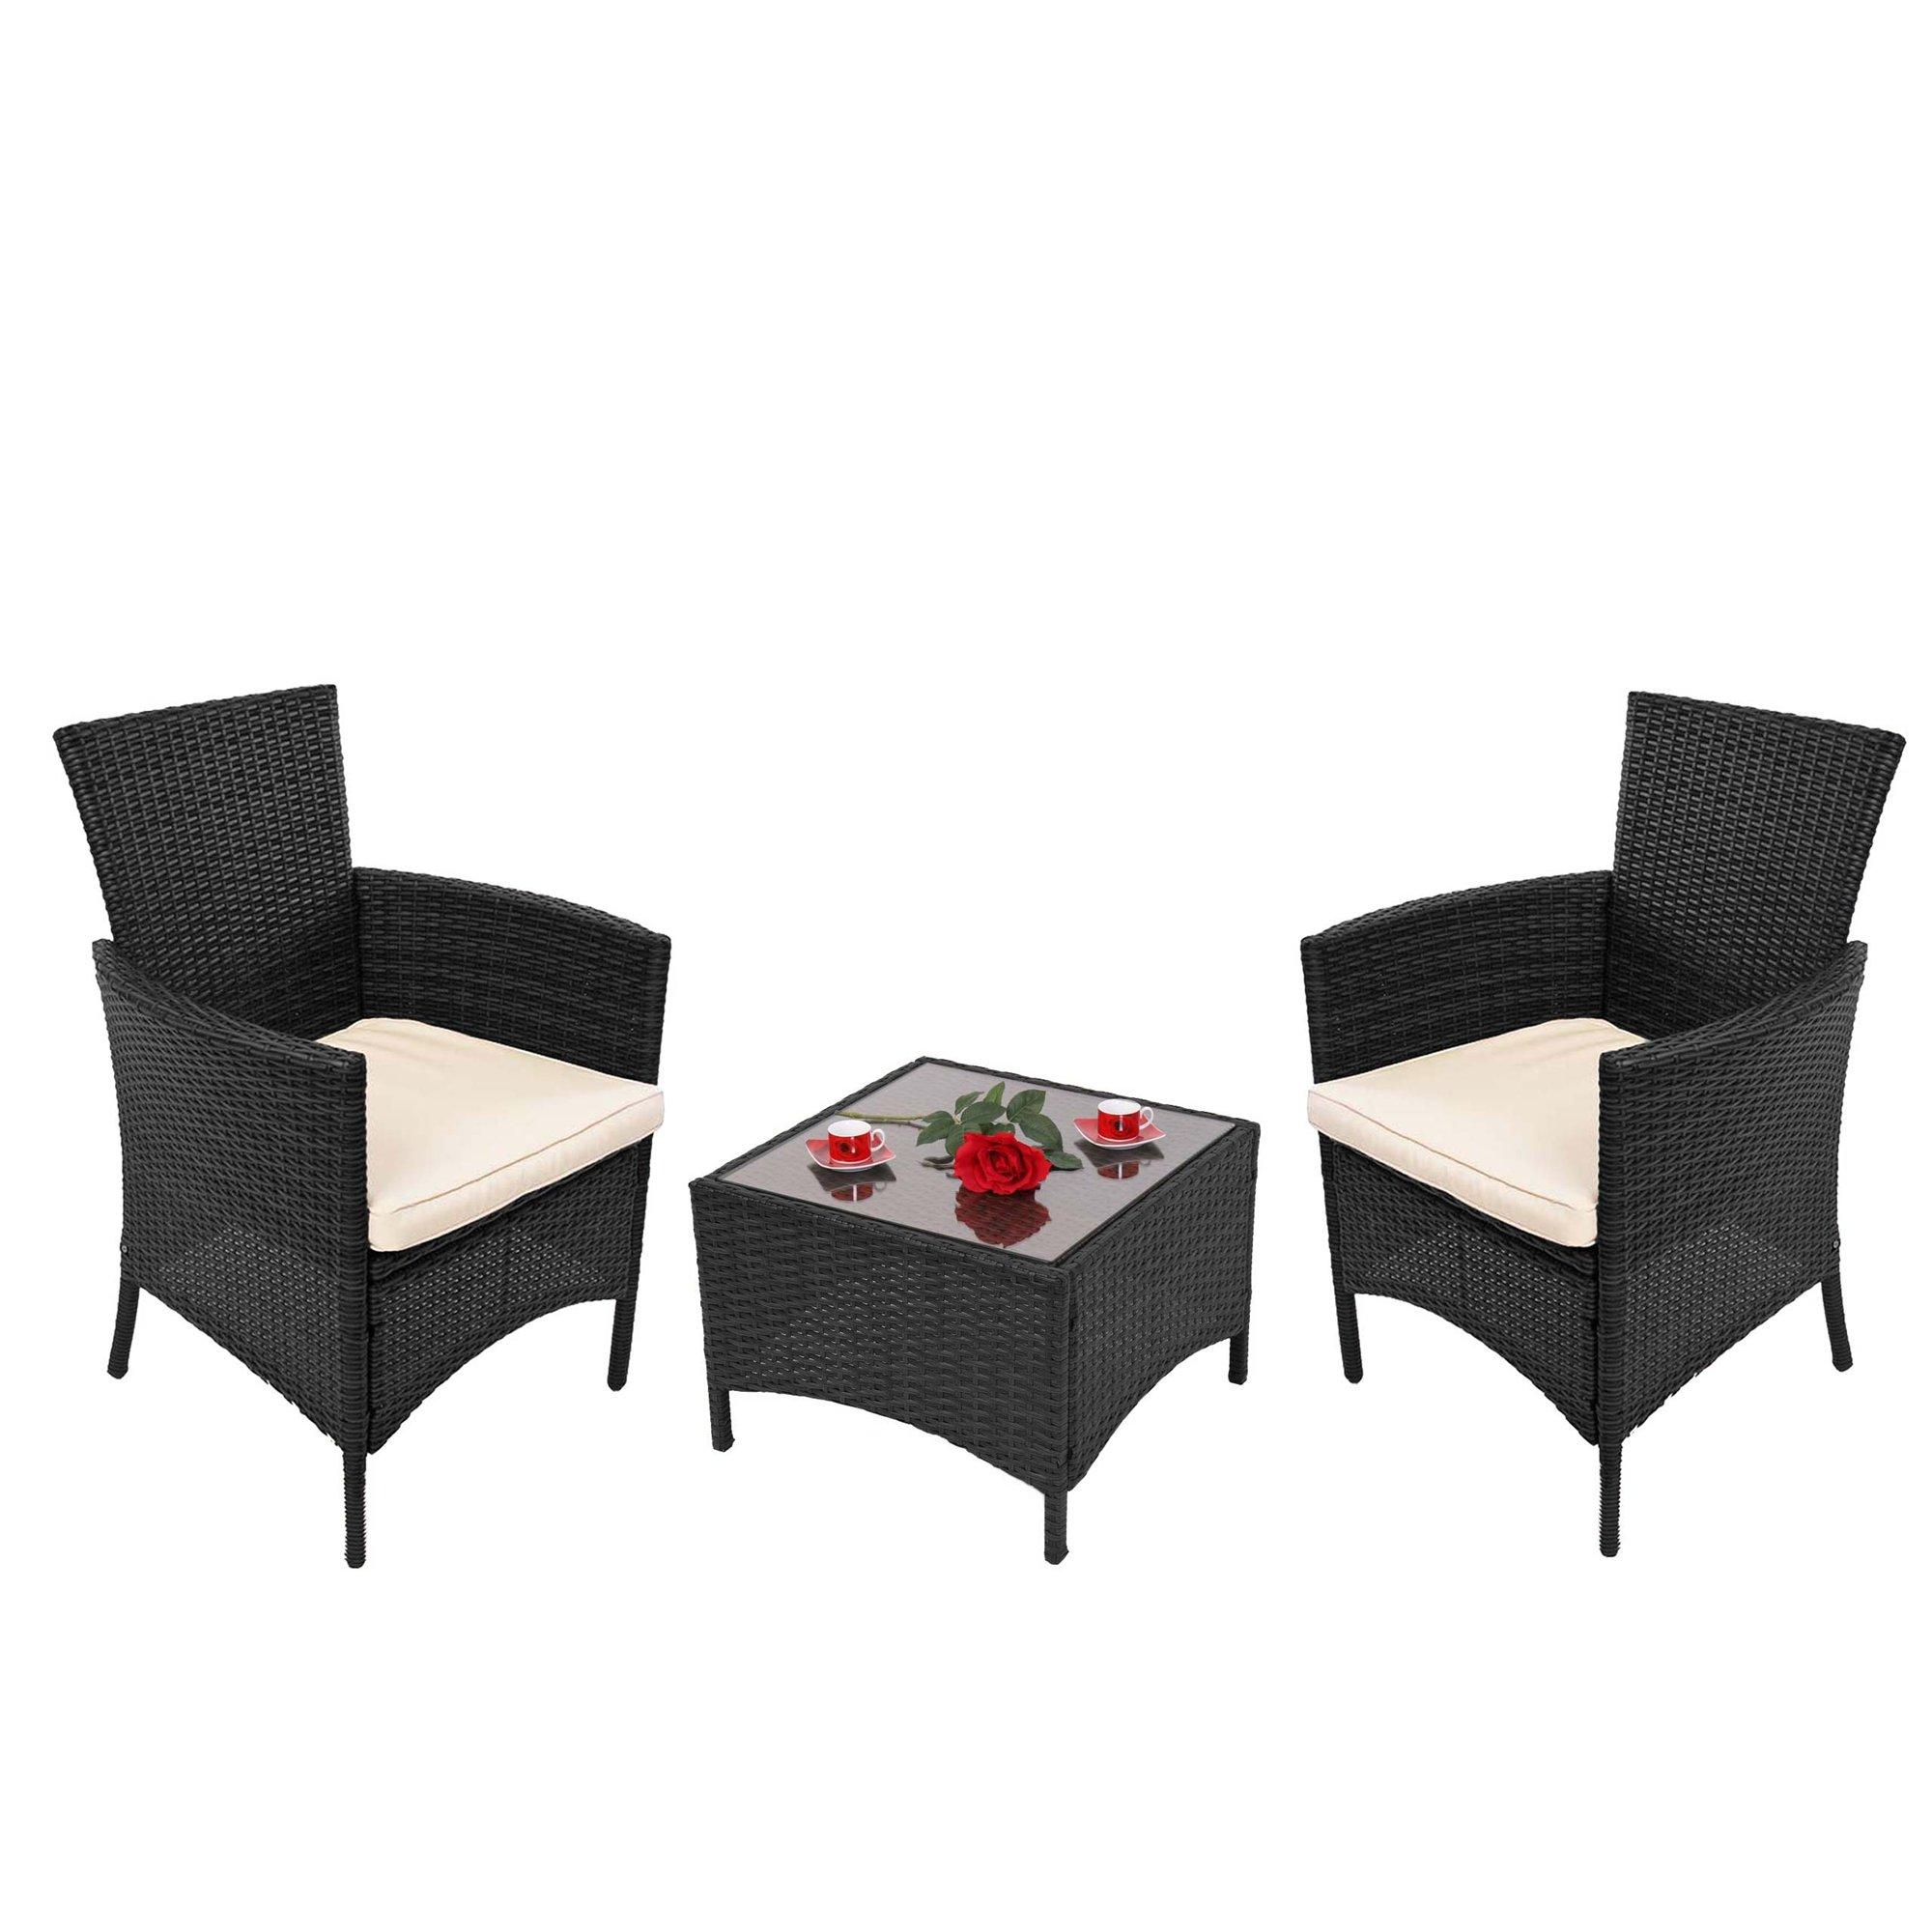 Lote 2 sillas de jard n mesa caf PARMA color negro Lote 2